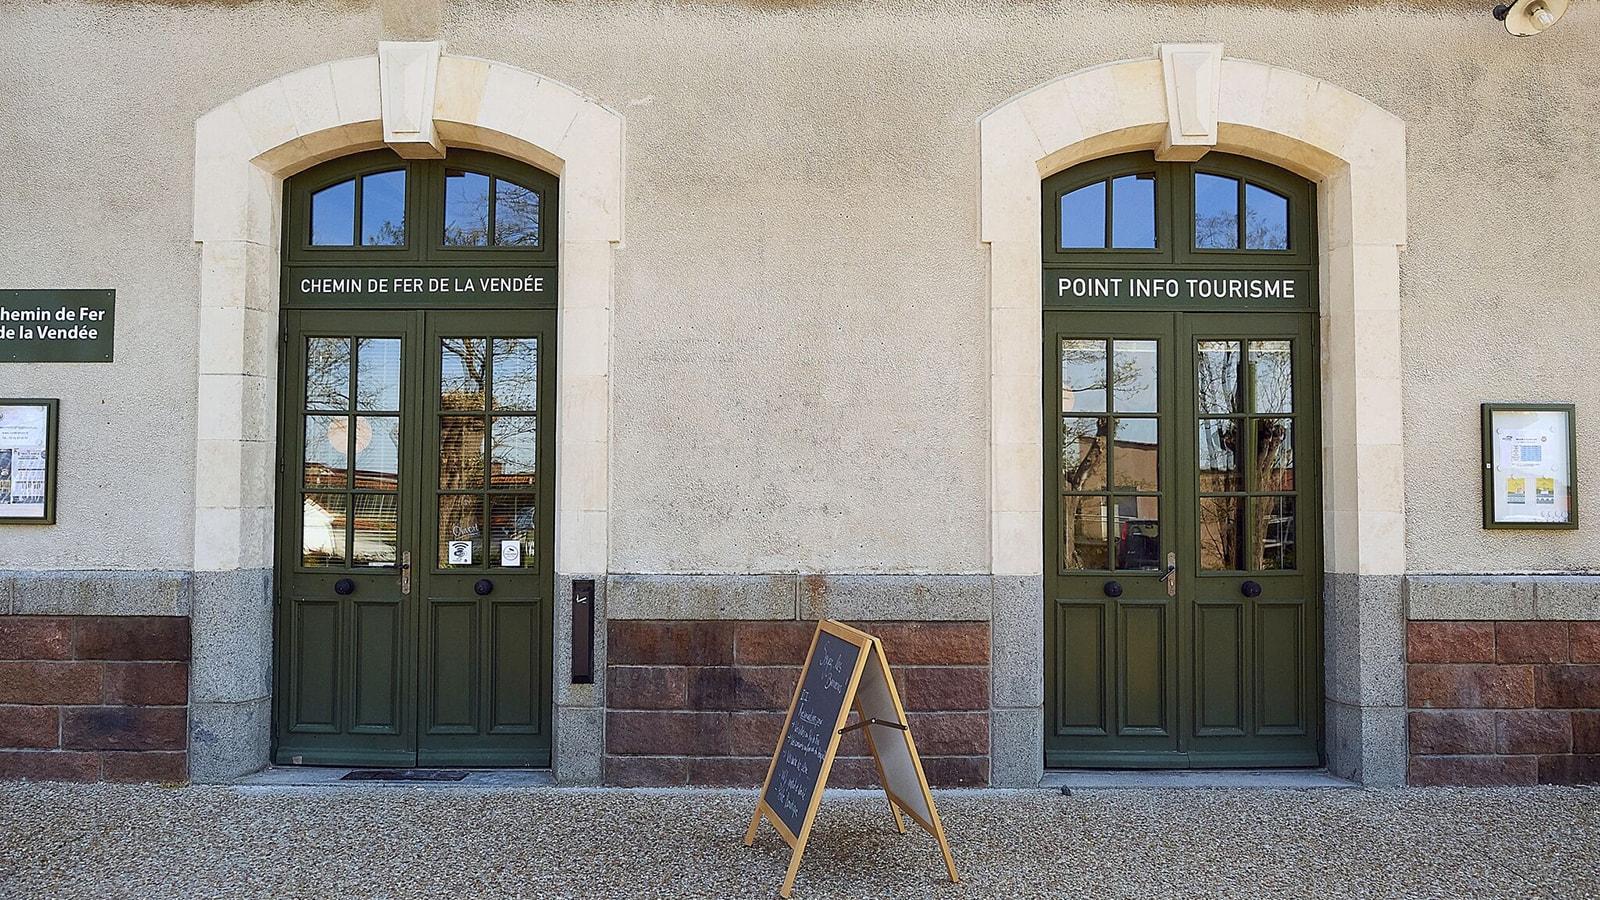 EFI Design Office De Tourisme Mortagne Efi Design (2) 1139